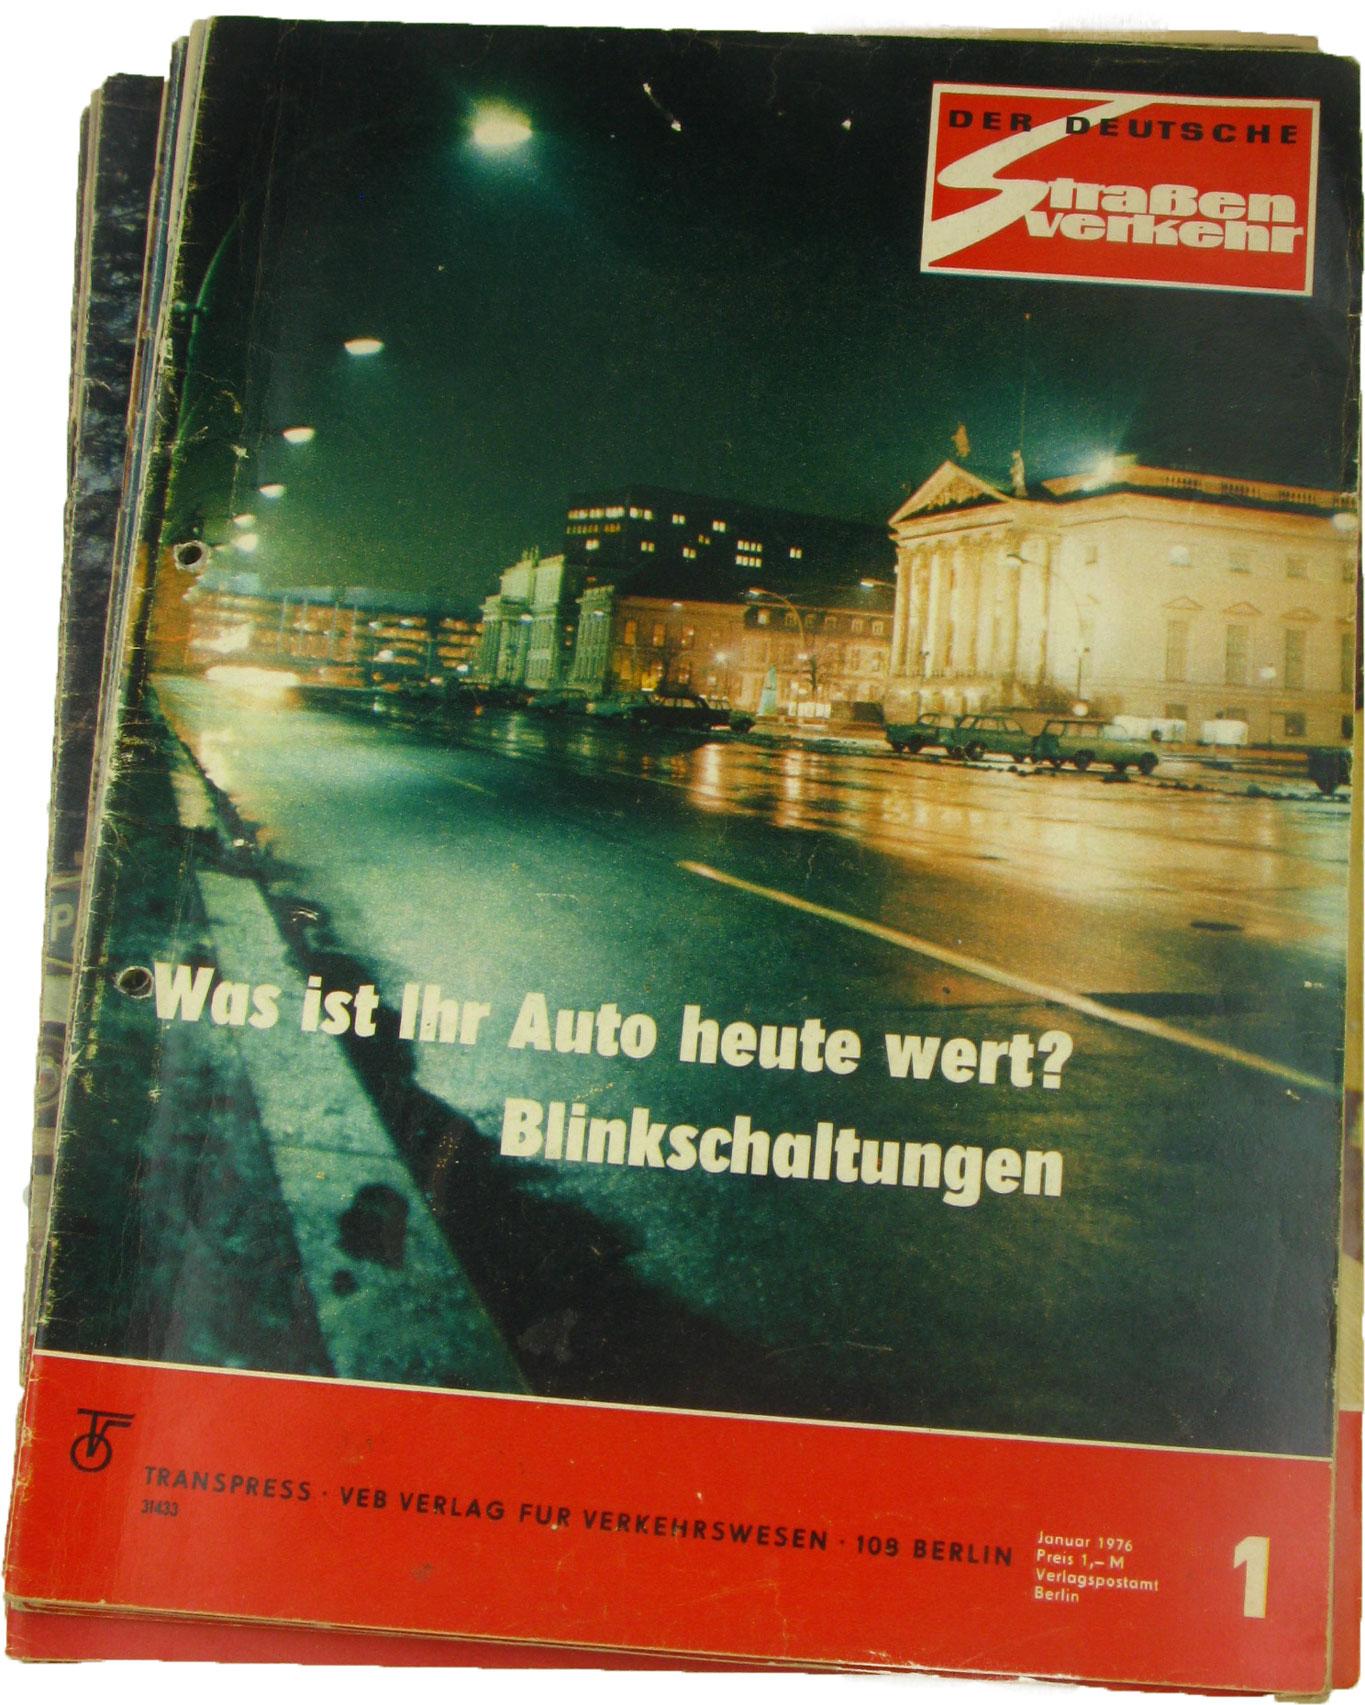 Der deutsche Straßenverkehr (Jahrgang 1976),: transpress, VEB Verlag